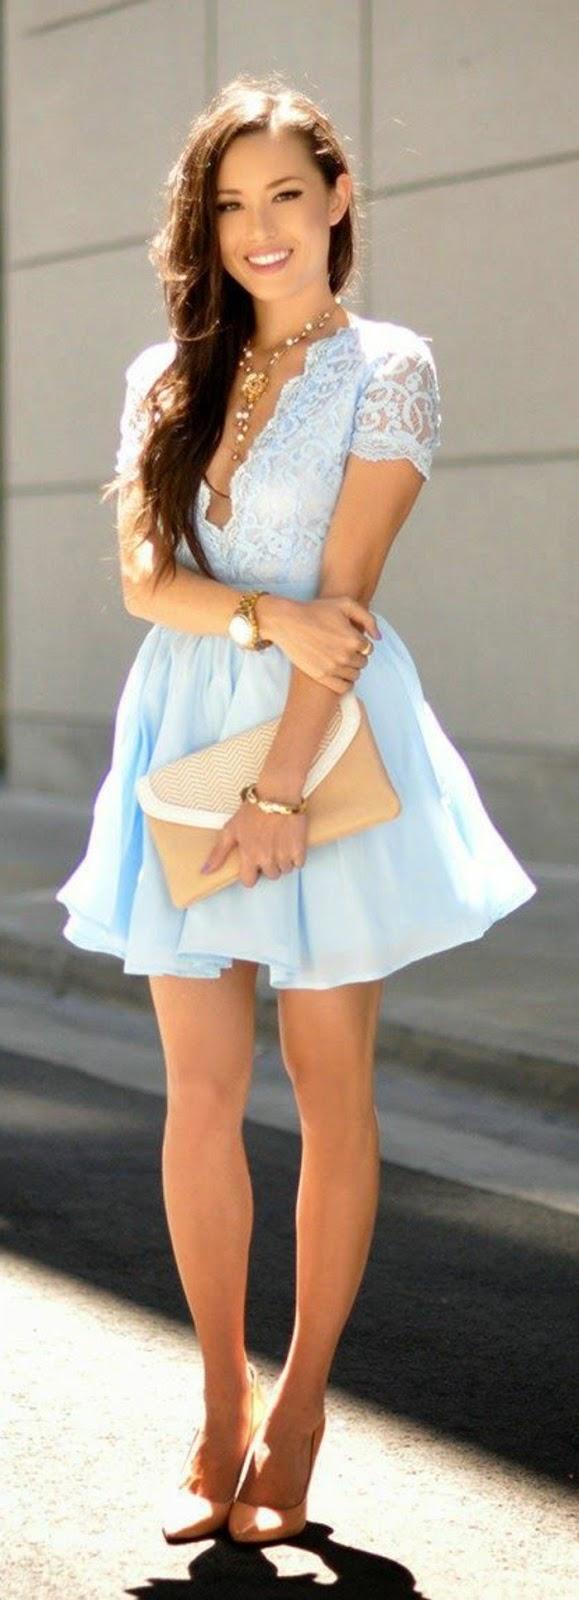 1-jolie-robe-de-soirée-courte-bleu-ciel-pour-les-filles-modernes-sac-a-main-beige.jpg